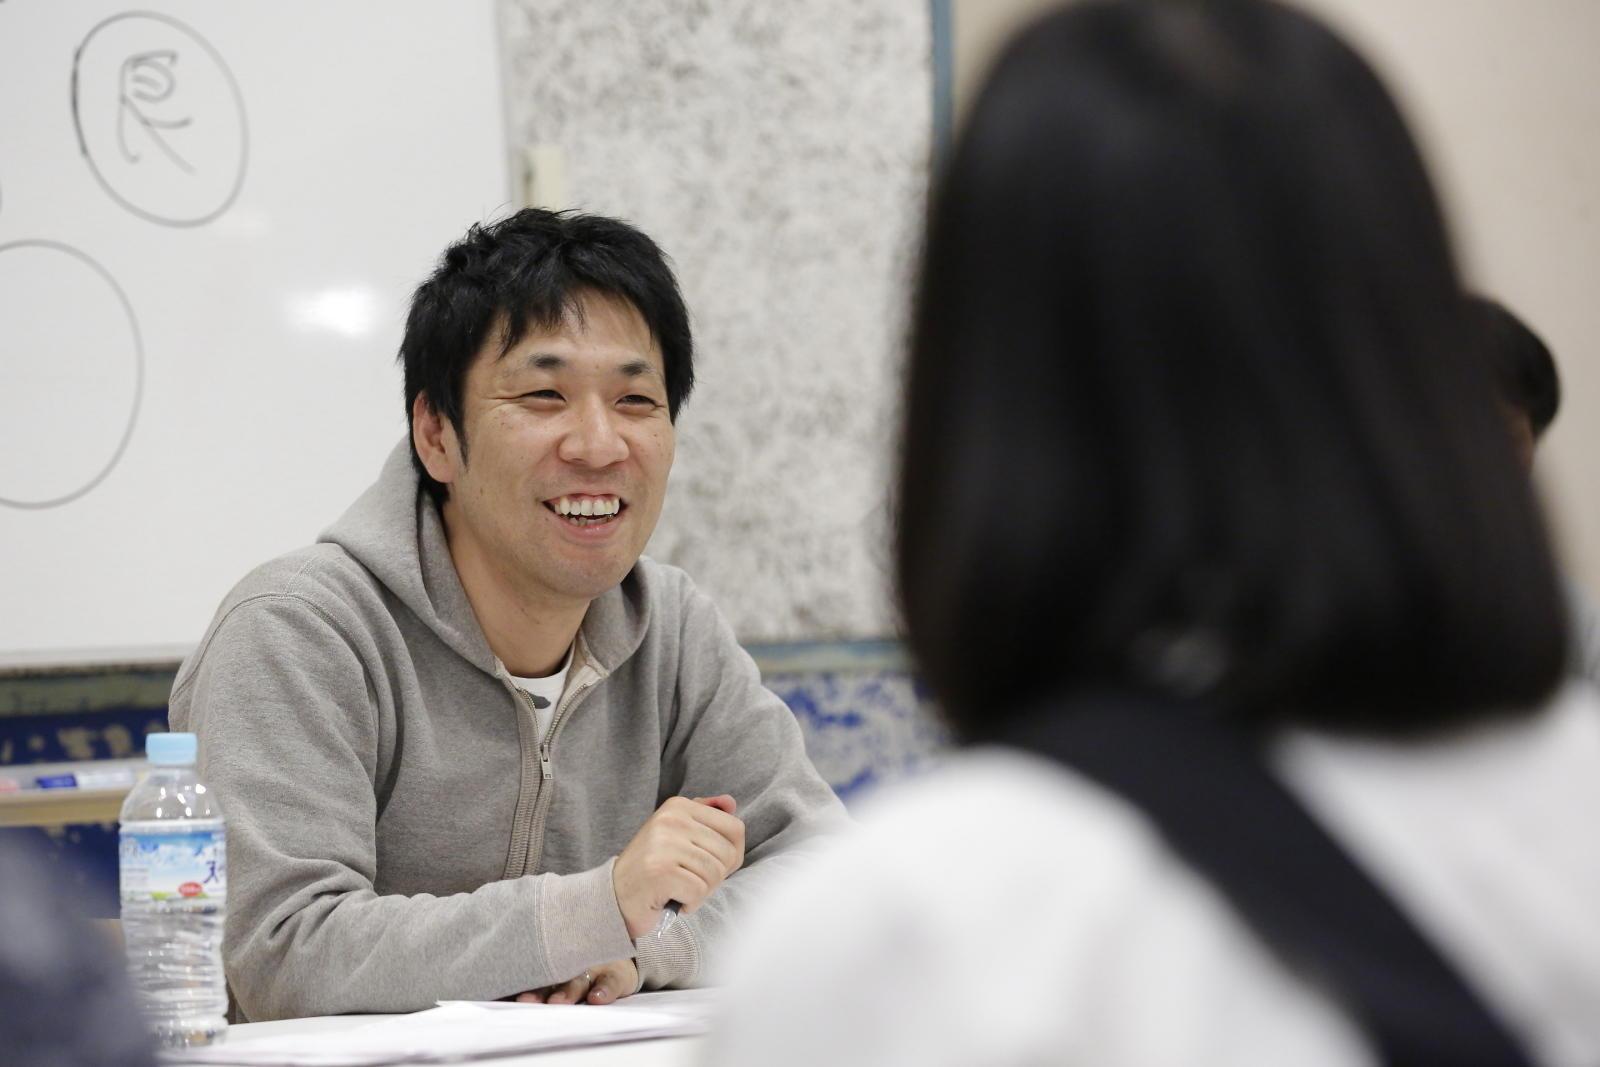 http://news.yoshimoto.co.jp/20160127184147-c68b7748d3cfed5bcb6981db141183ebc06f6522.jpg